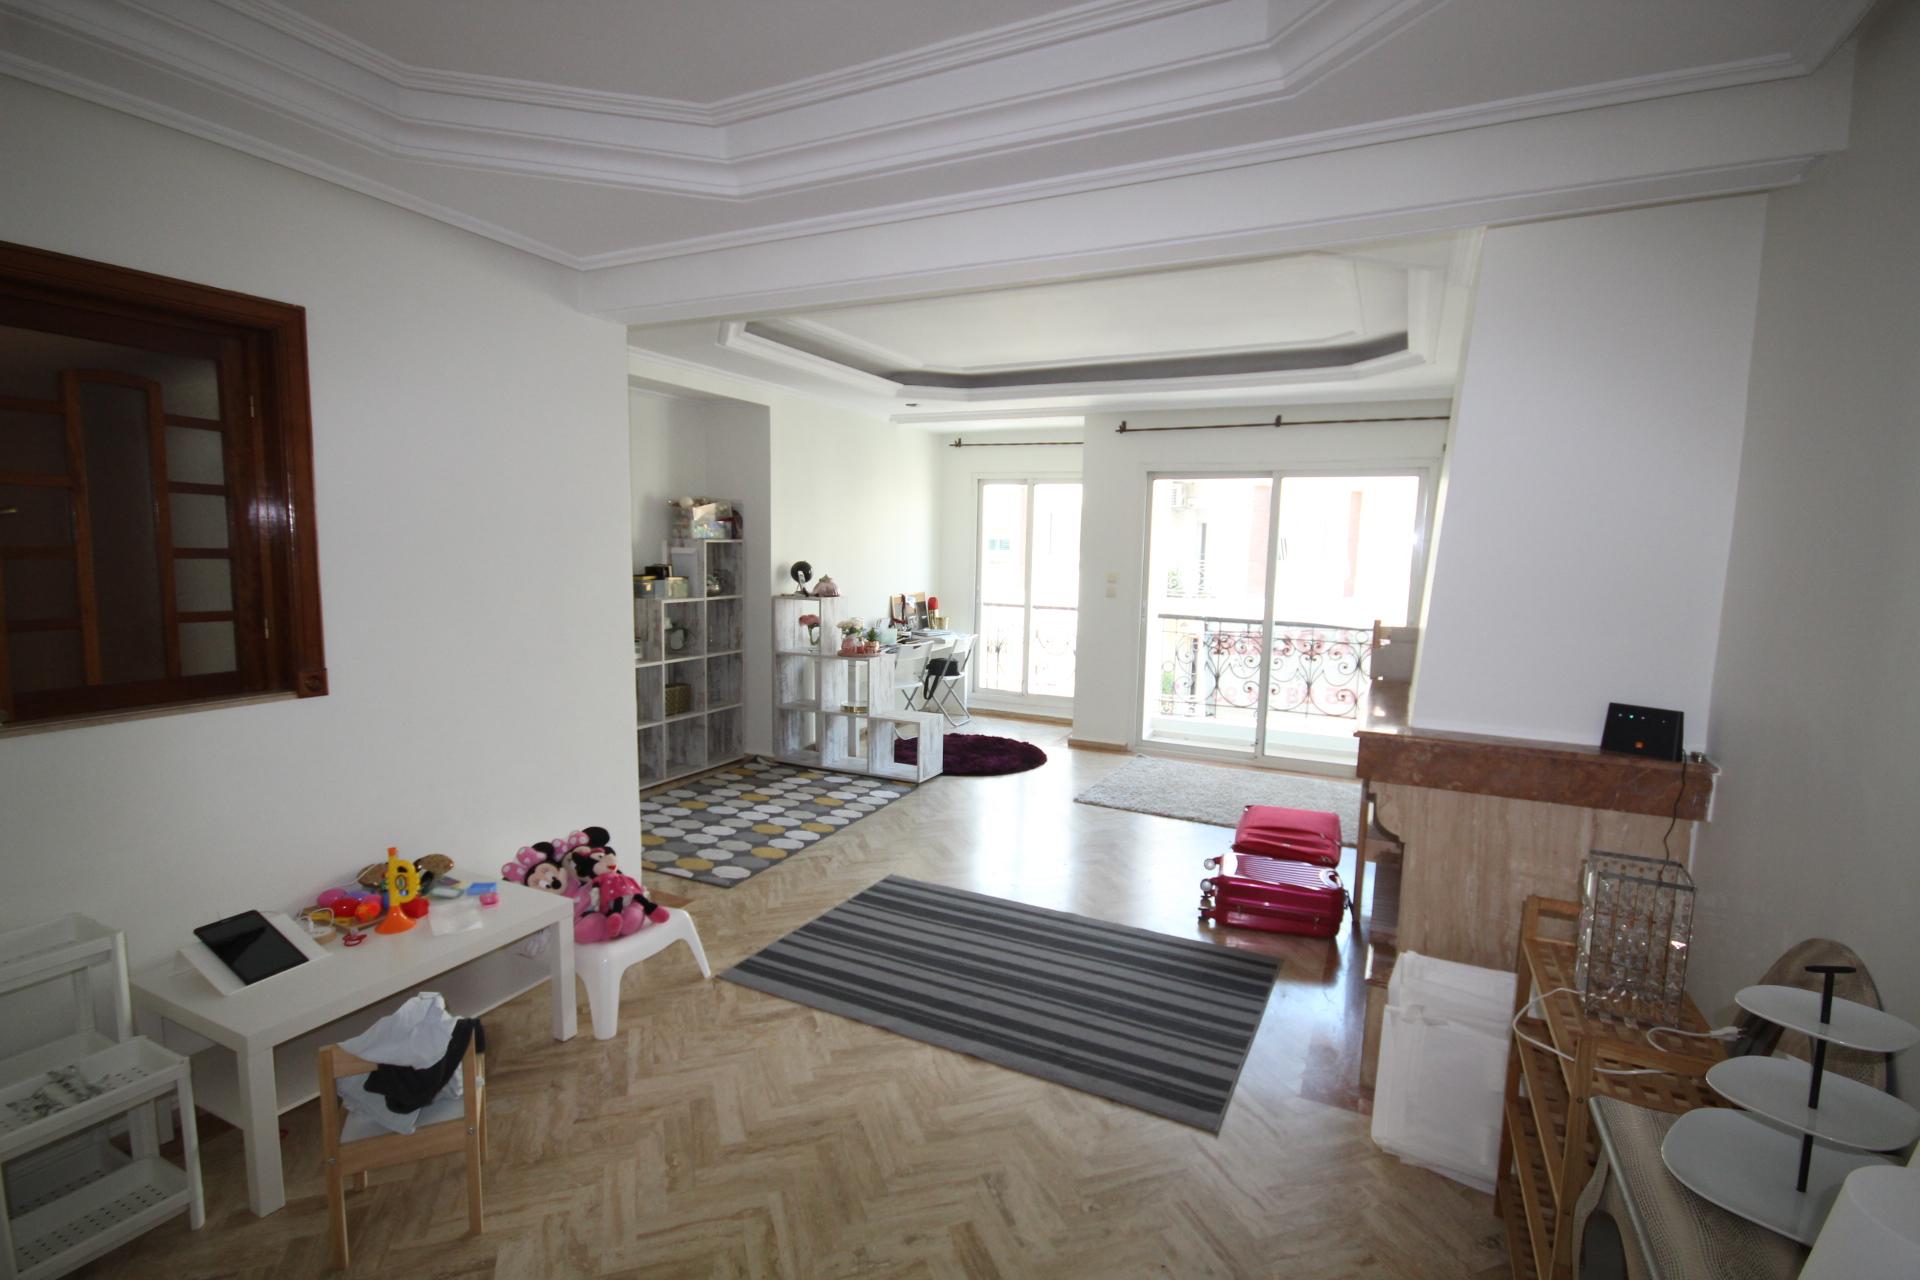 Maroc, Casablanca, Racine très chic, à louer appartement ensoleillé de 140m² avec balcon en étage élevé